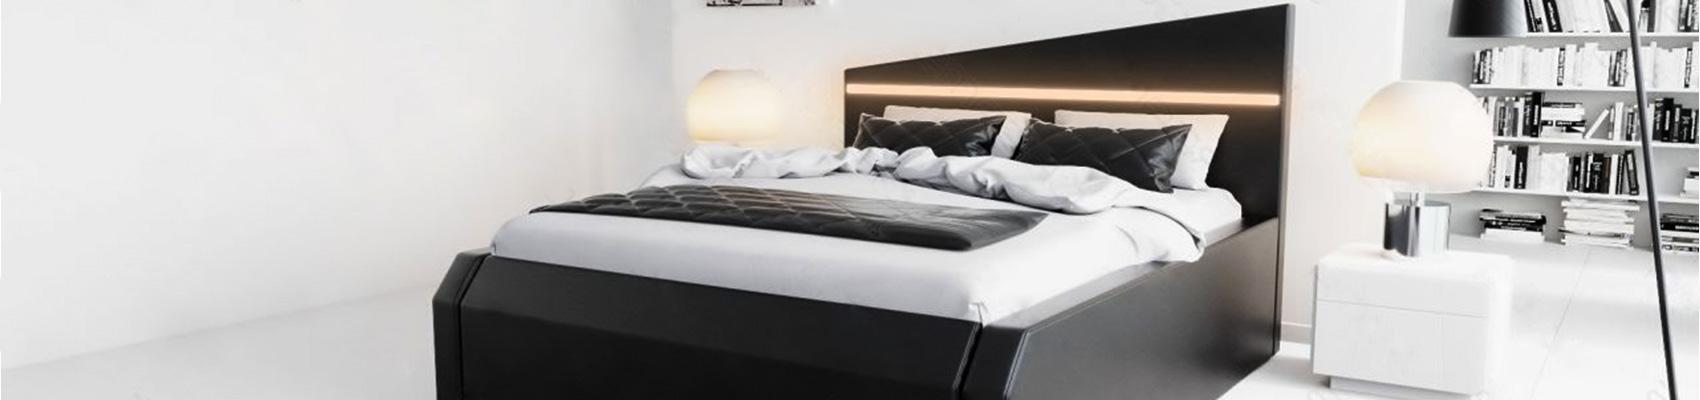 Boxspringbett mit Beleuchtung - Design Boxsprtingbetten | Sofa Dreams